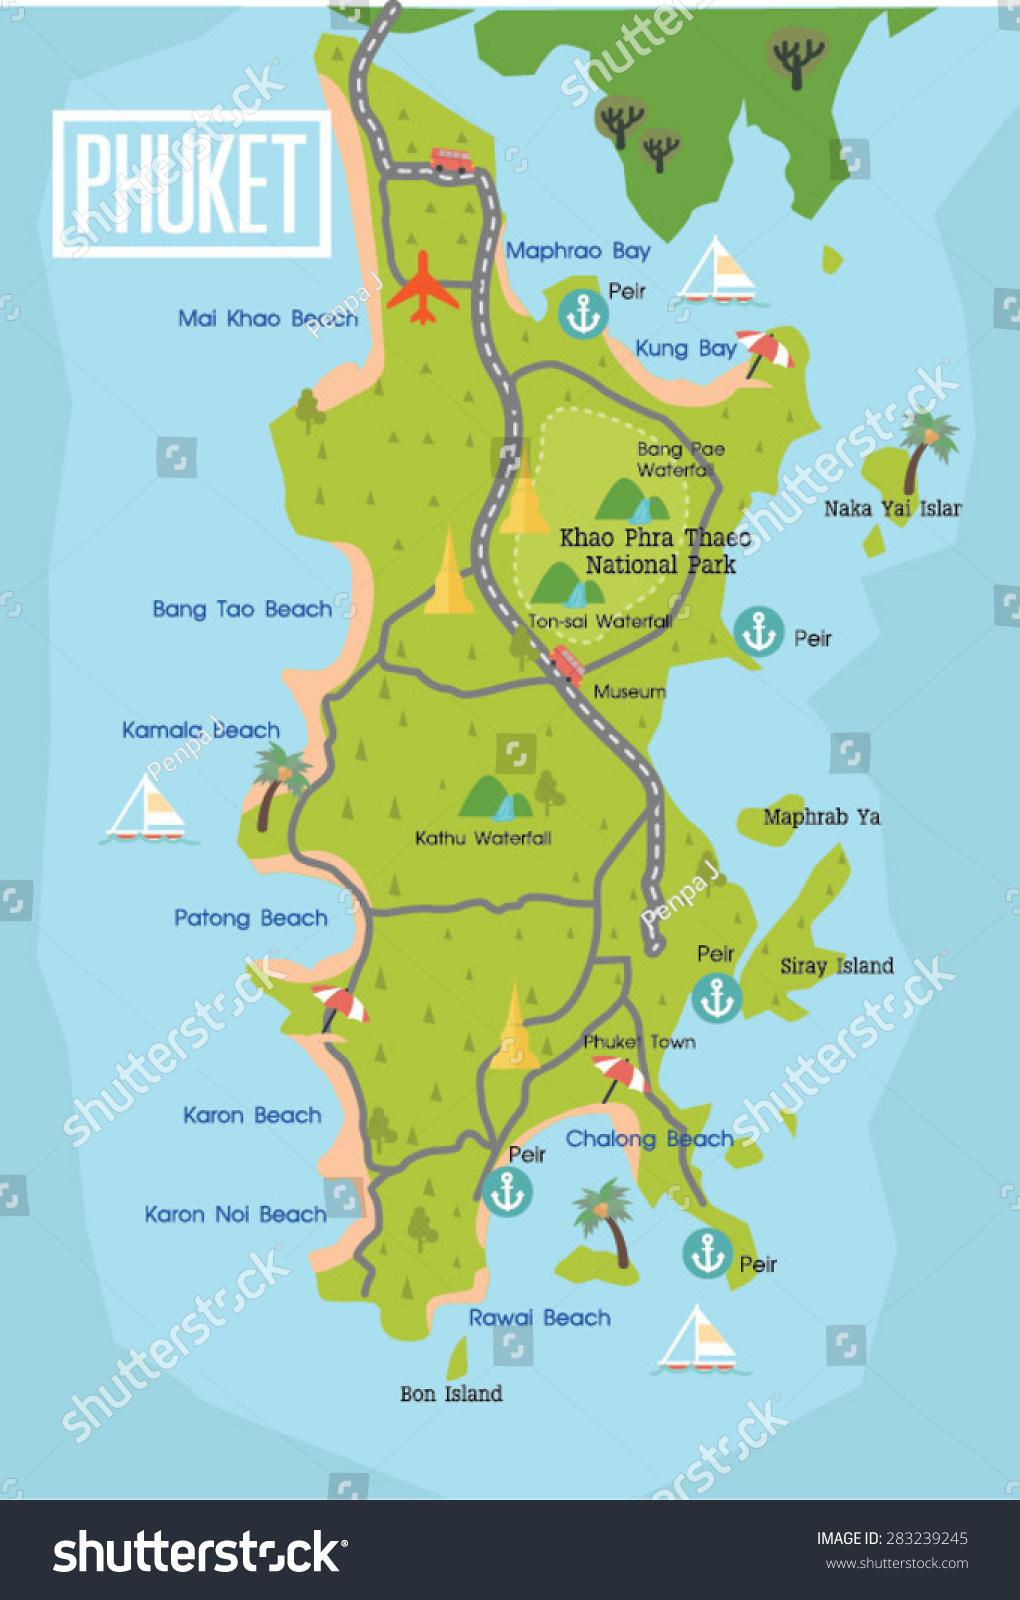 在泰国普吉岛旅游地图矢量-交通运输,假期-海洛创意()